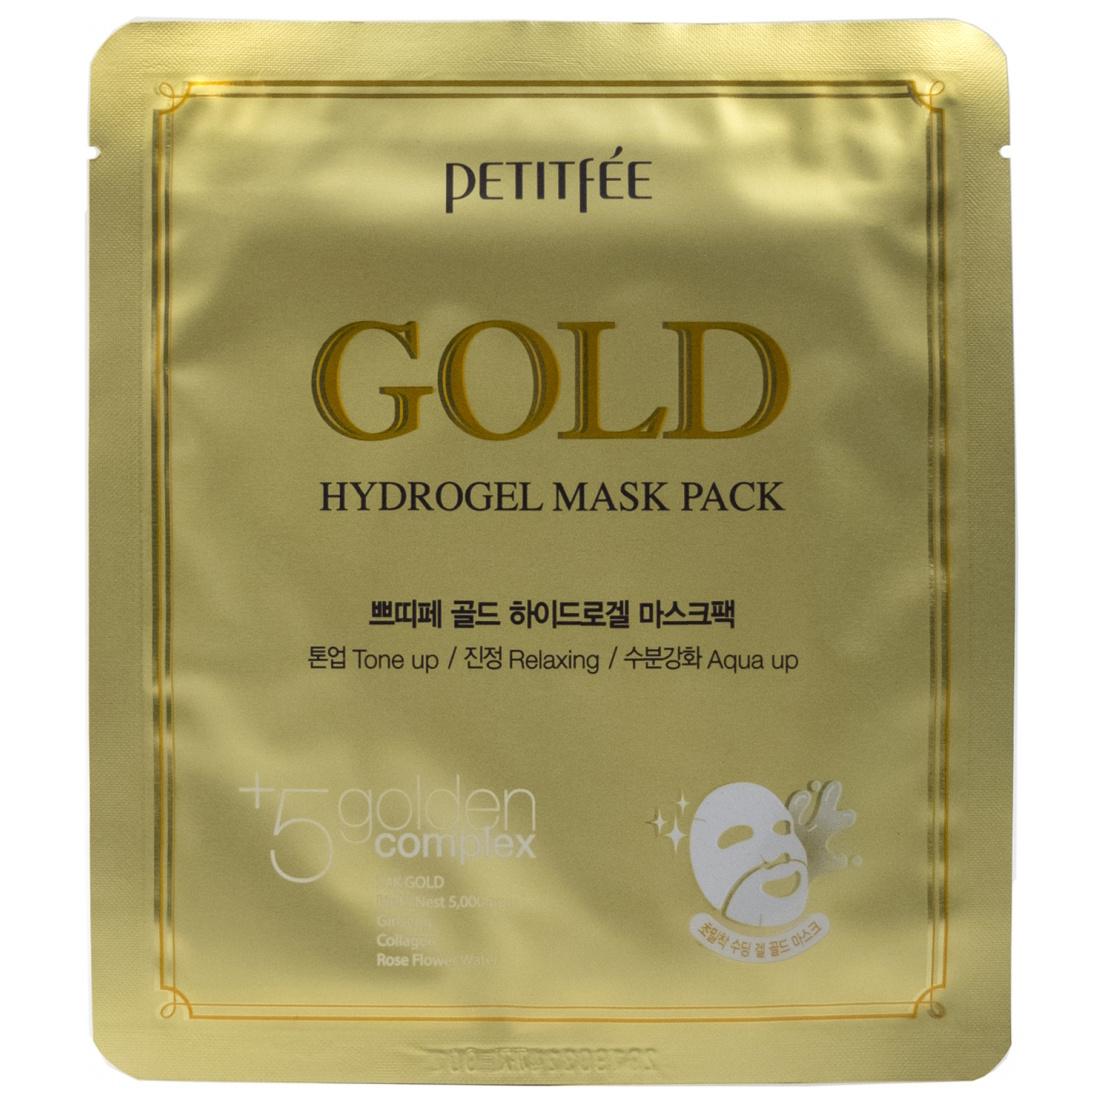 Маска для лица PETITFEE гидрогелевая с золотом,